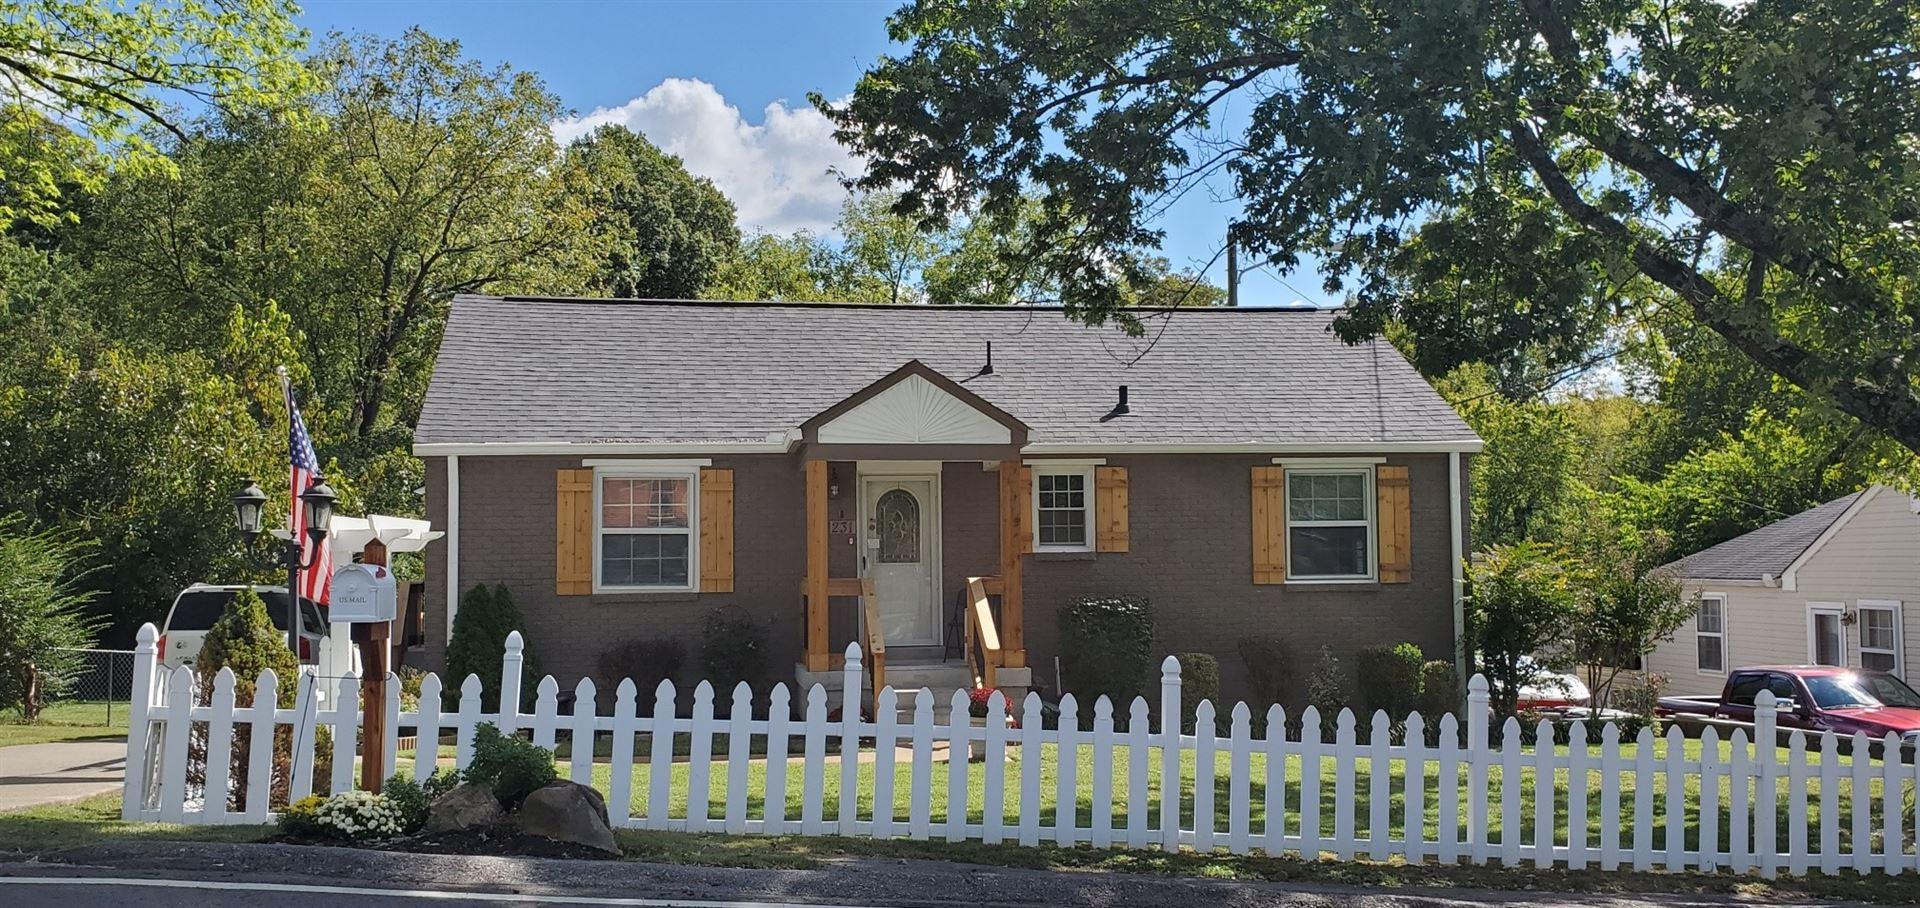 231 Graylynn Dr, Nashville, TN 37214 - MLS#: 2250193